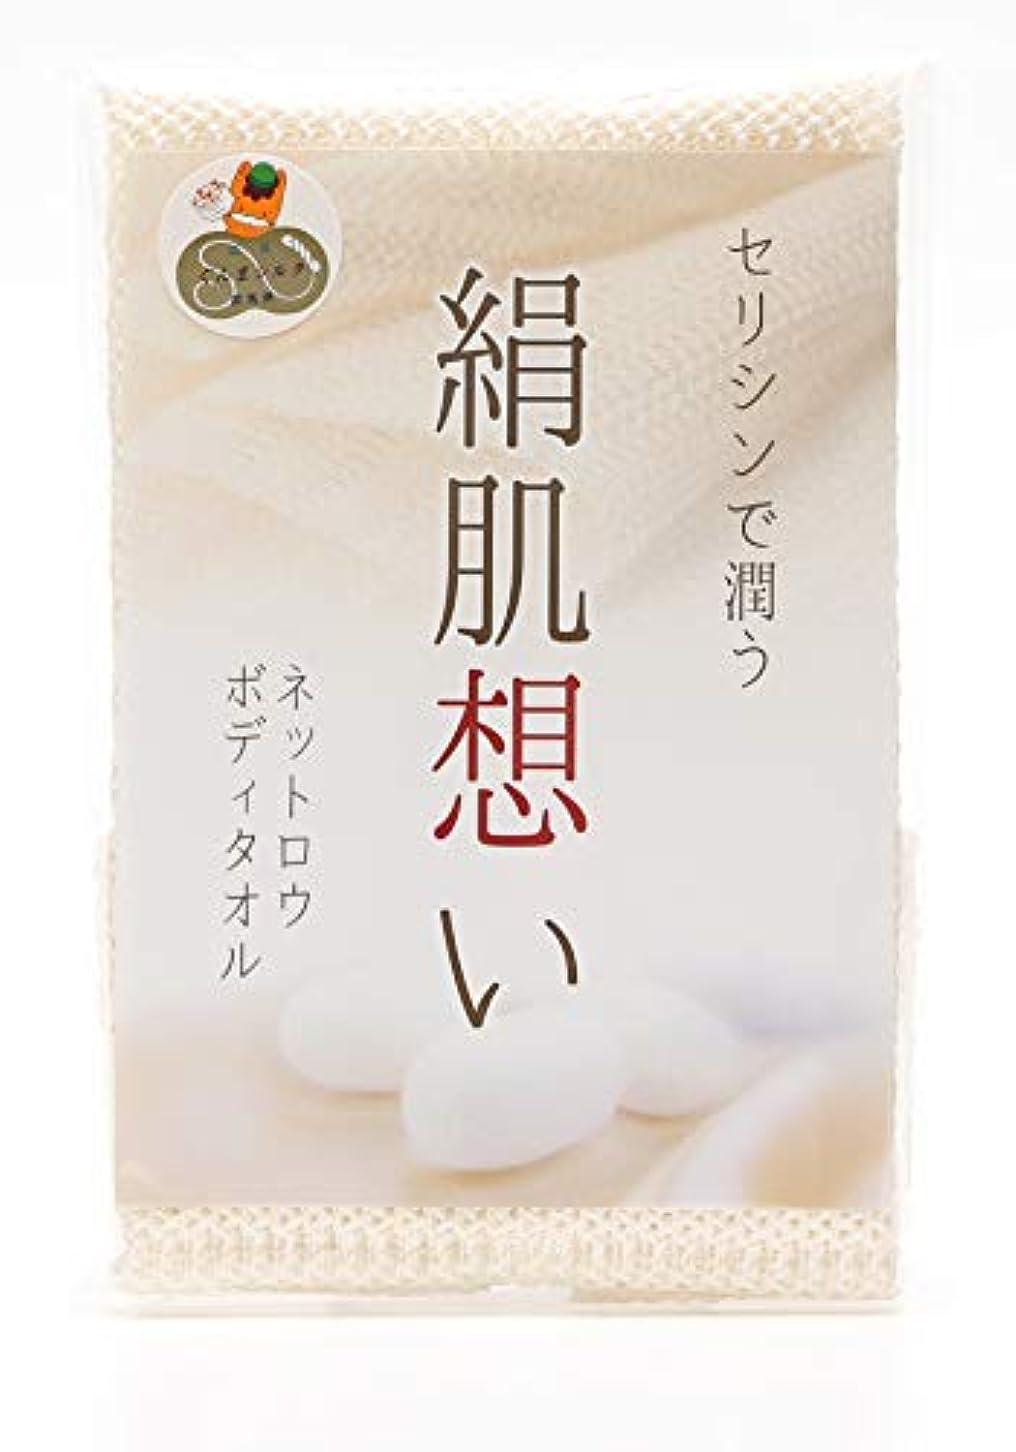 預言者地平線先祖[ハッピーシルク] シルクボディータオル 「絹肌想い 」浴用ボディタオル セリシンで潤う シルク100% ネットロウ